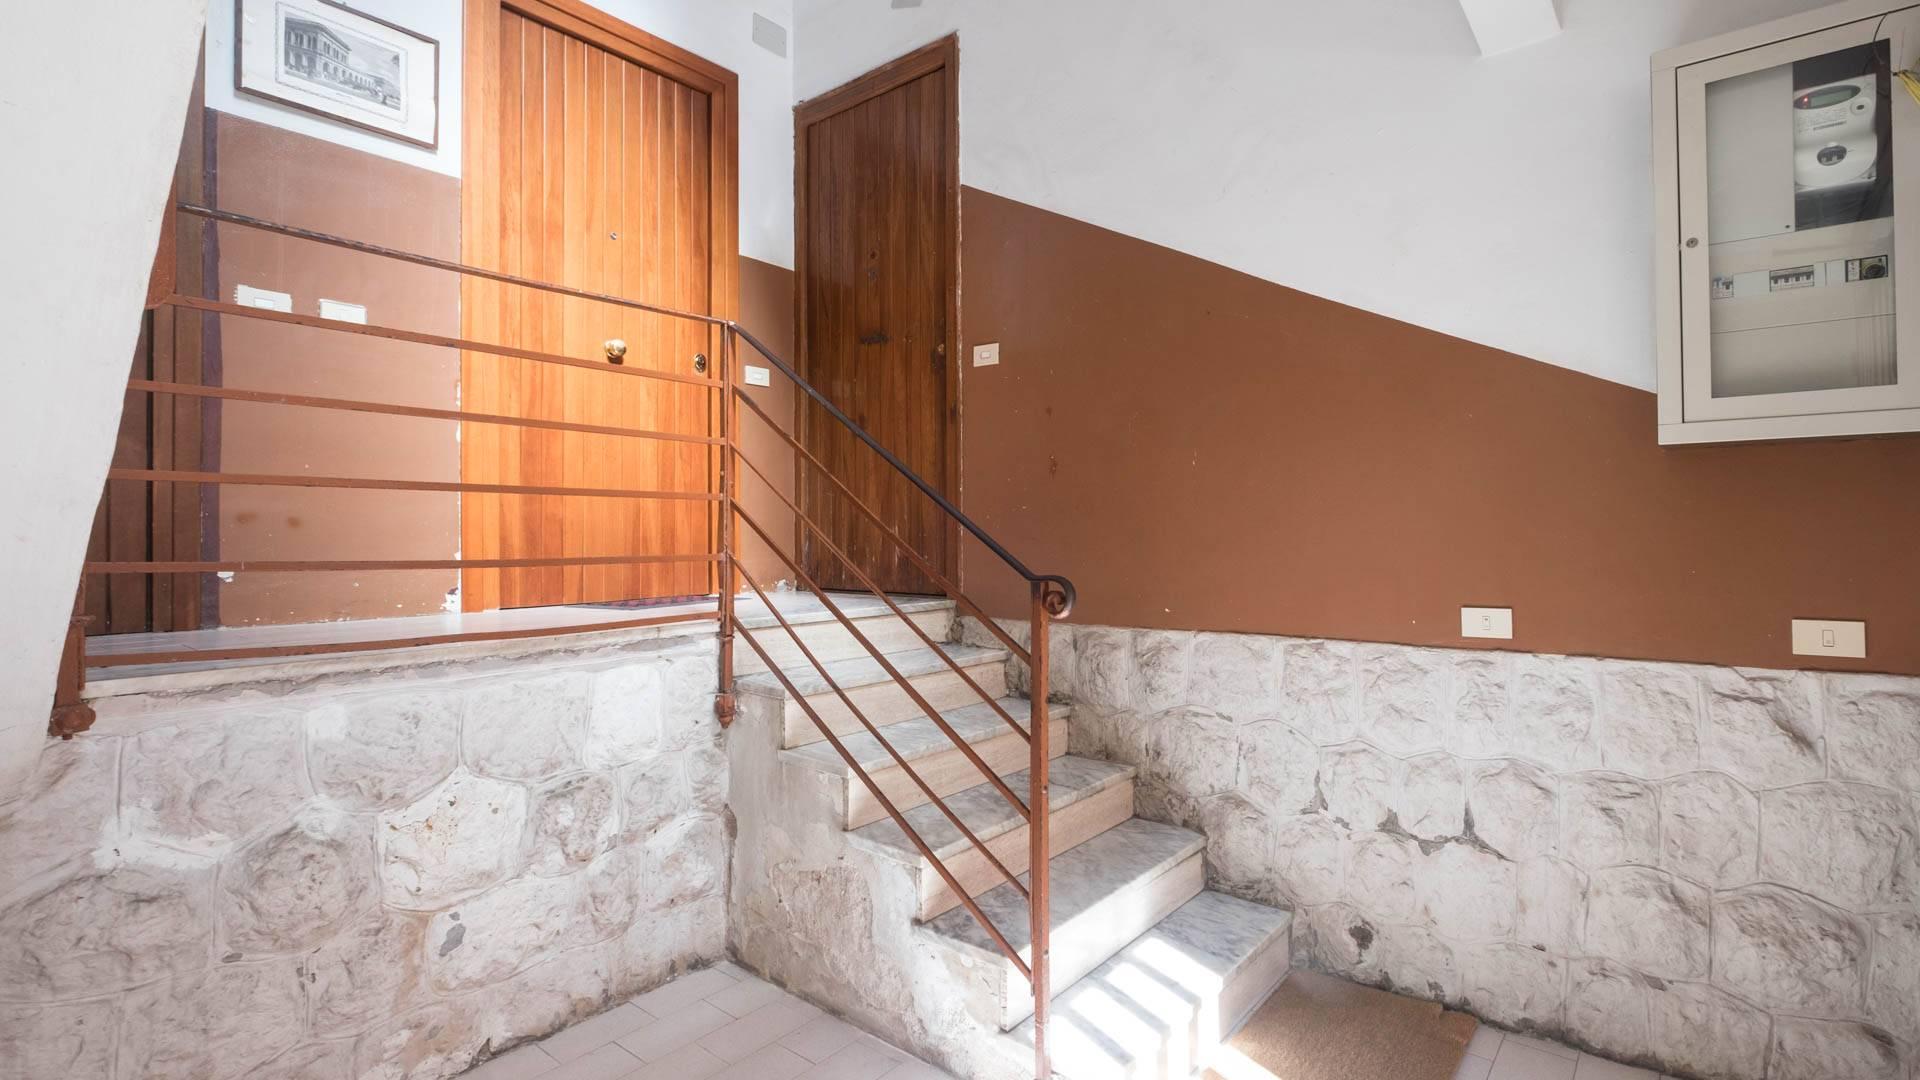 Bilocale Palermo Via Carlo Alberto Garufi 2